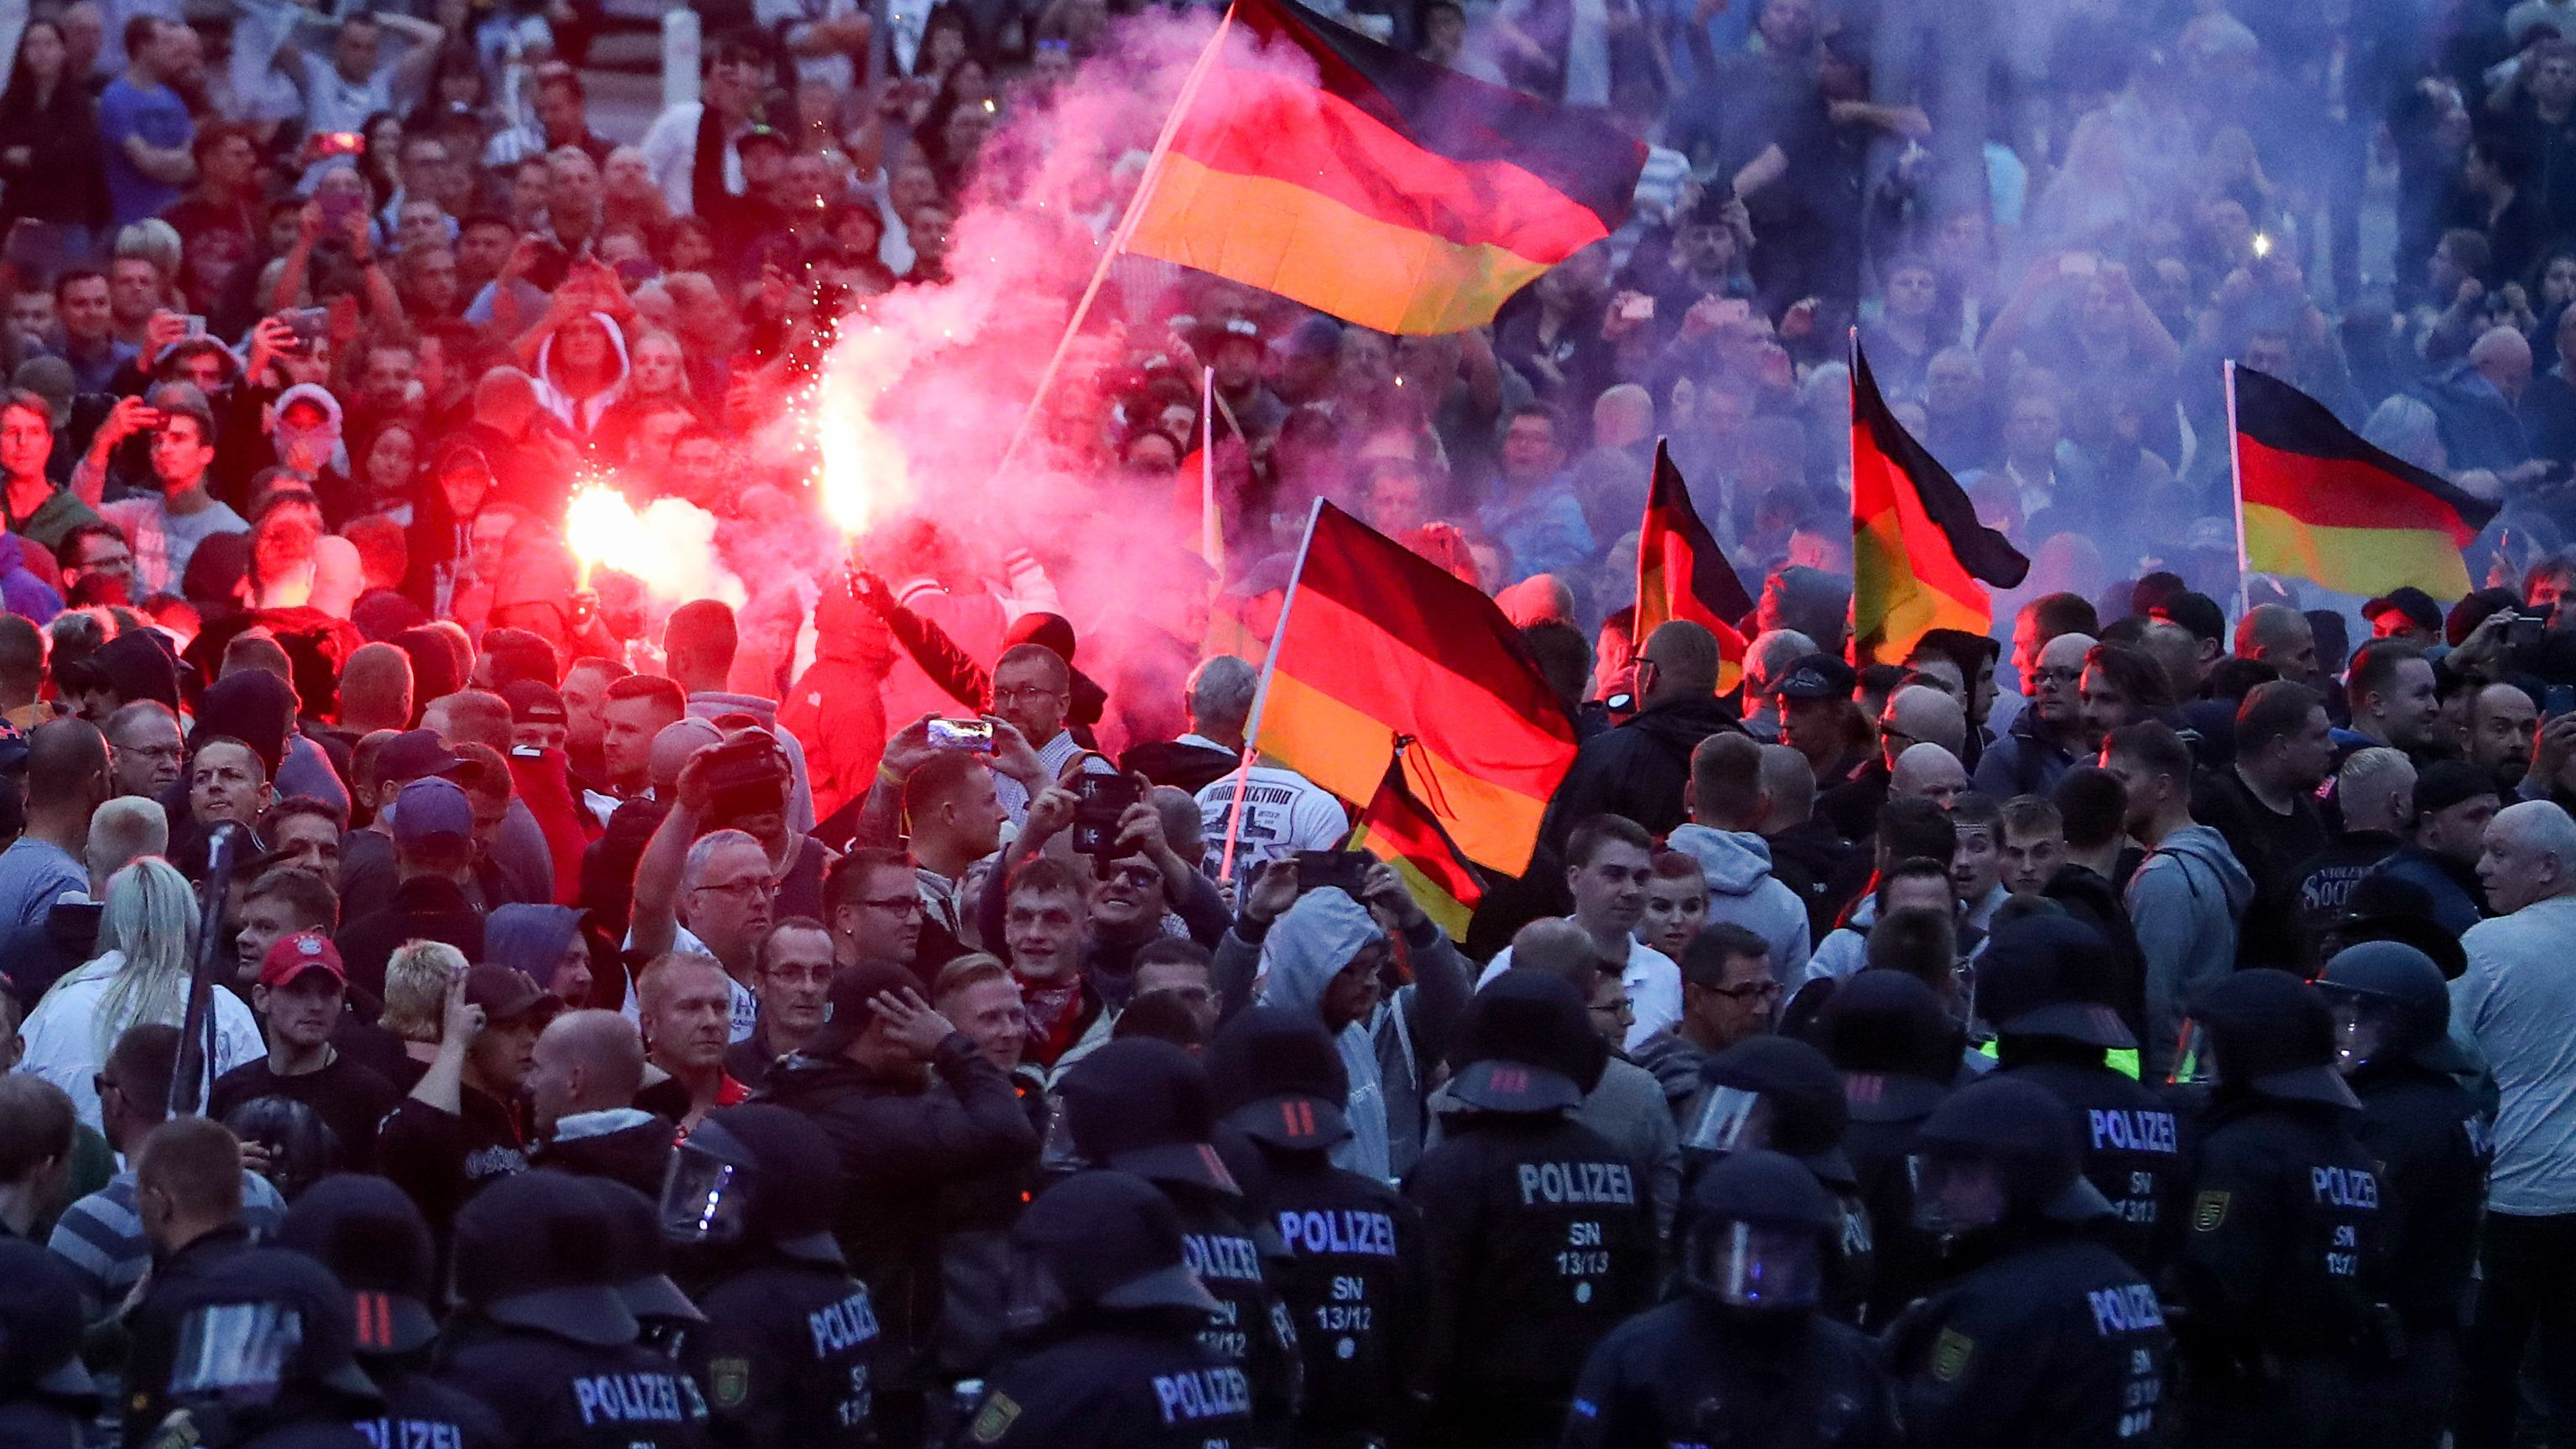 Demonstranten der rechten Szene zünden am 27.08.2018 in Chemnitz Pyrotechnik und schwenken Deutschlandfahnen.